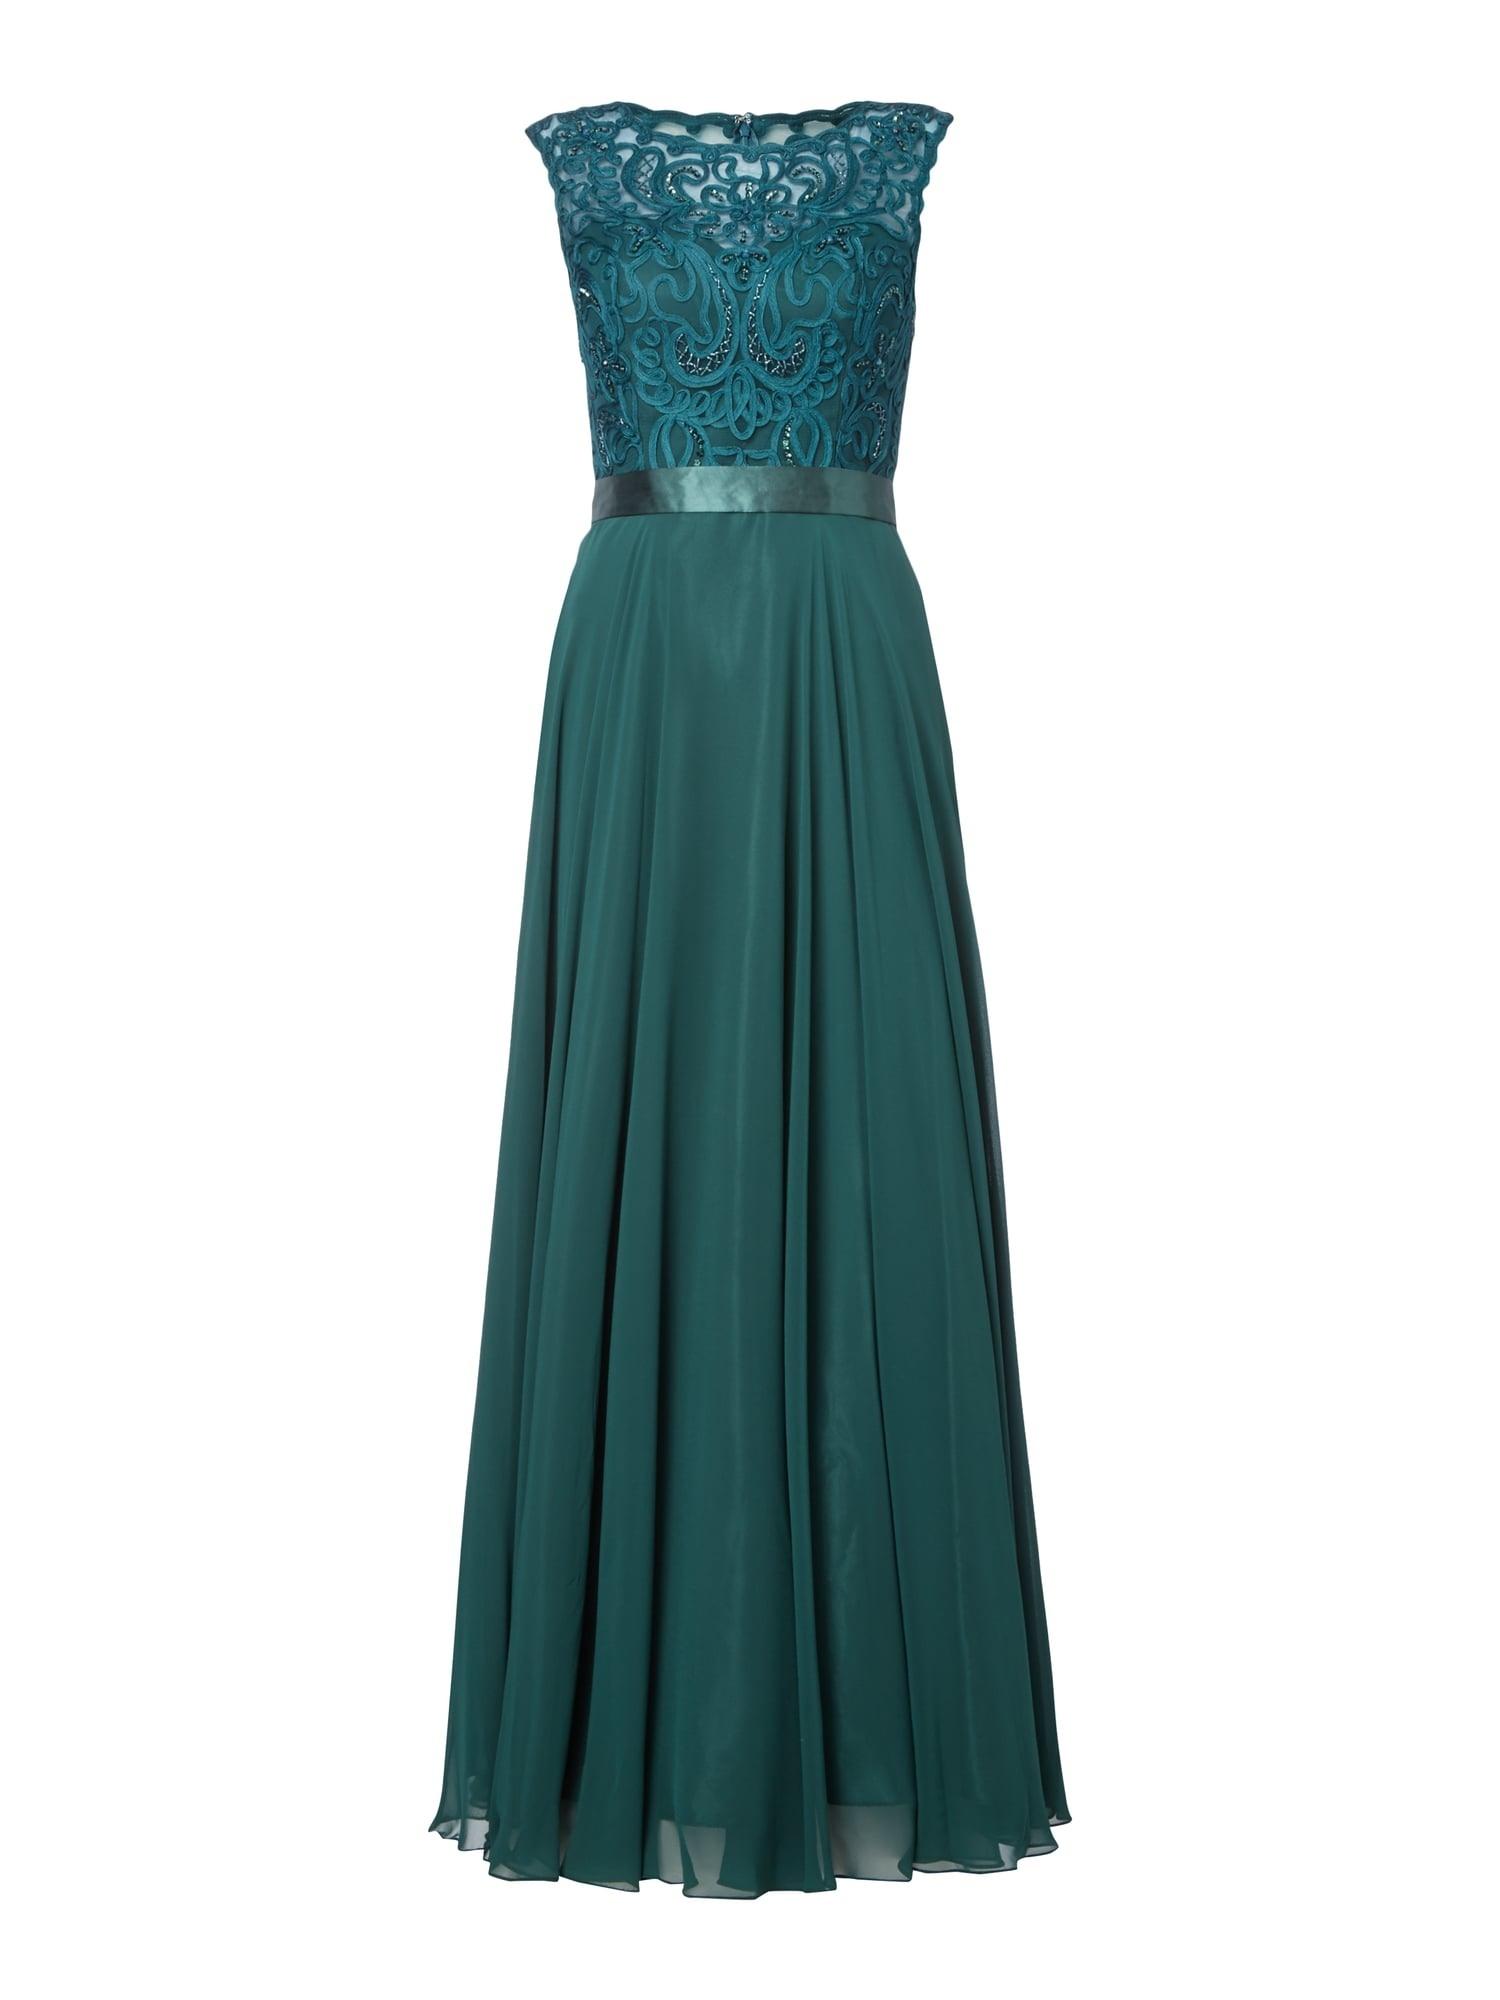 Formal Schön Abendkleid Mit Bolero Spezialgebiet17 Großartig Abendkleid Mit Bolero für 2019